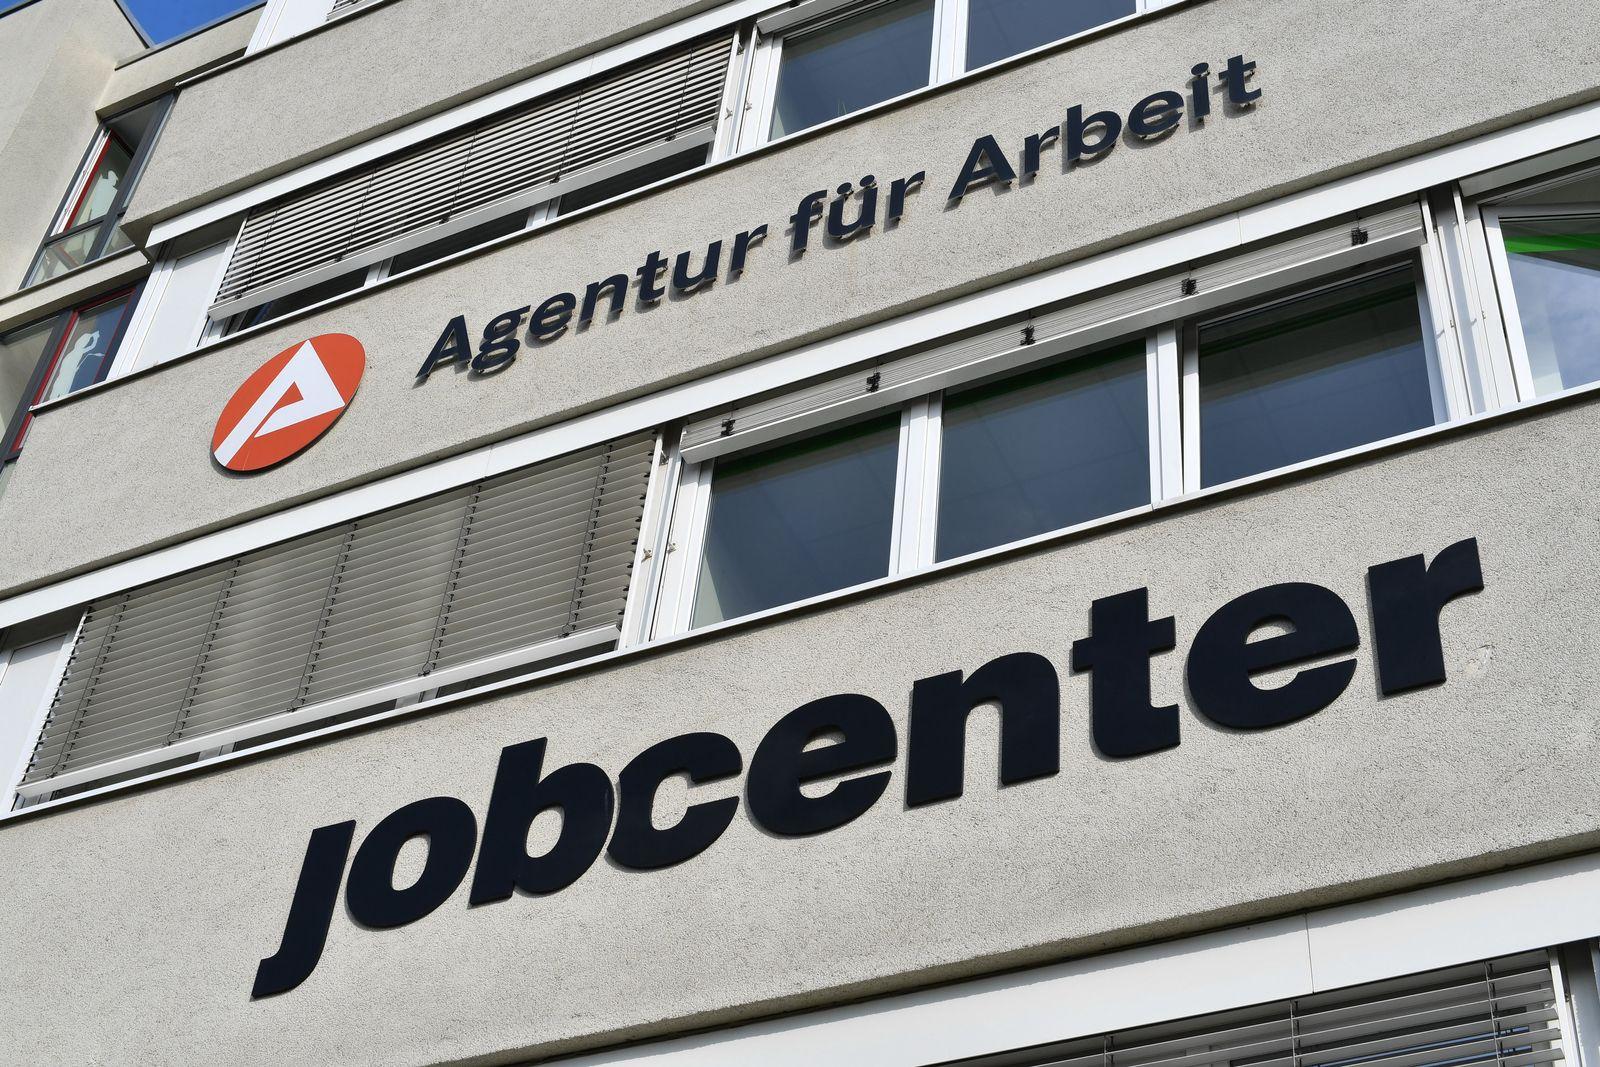 Agentur für Arbeit - Jobcenter